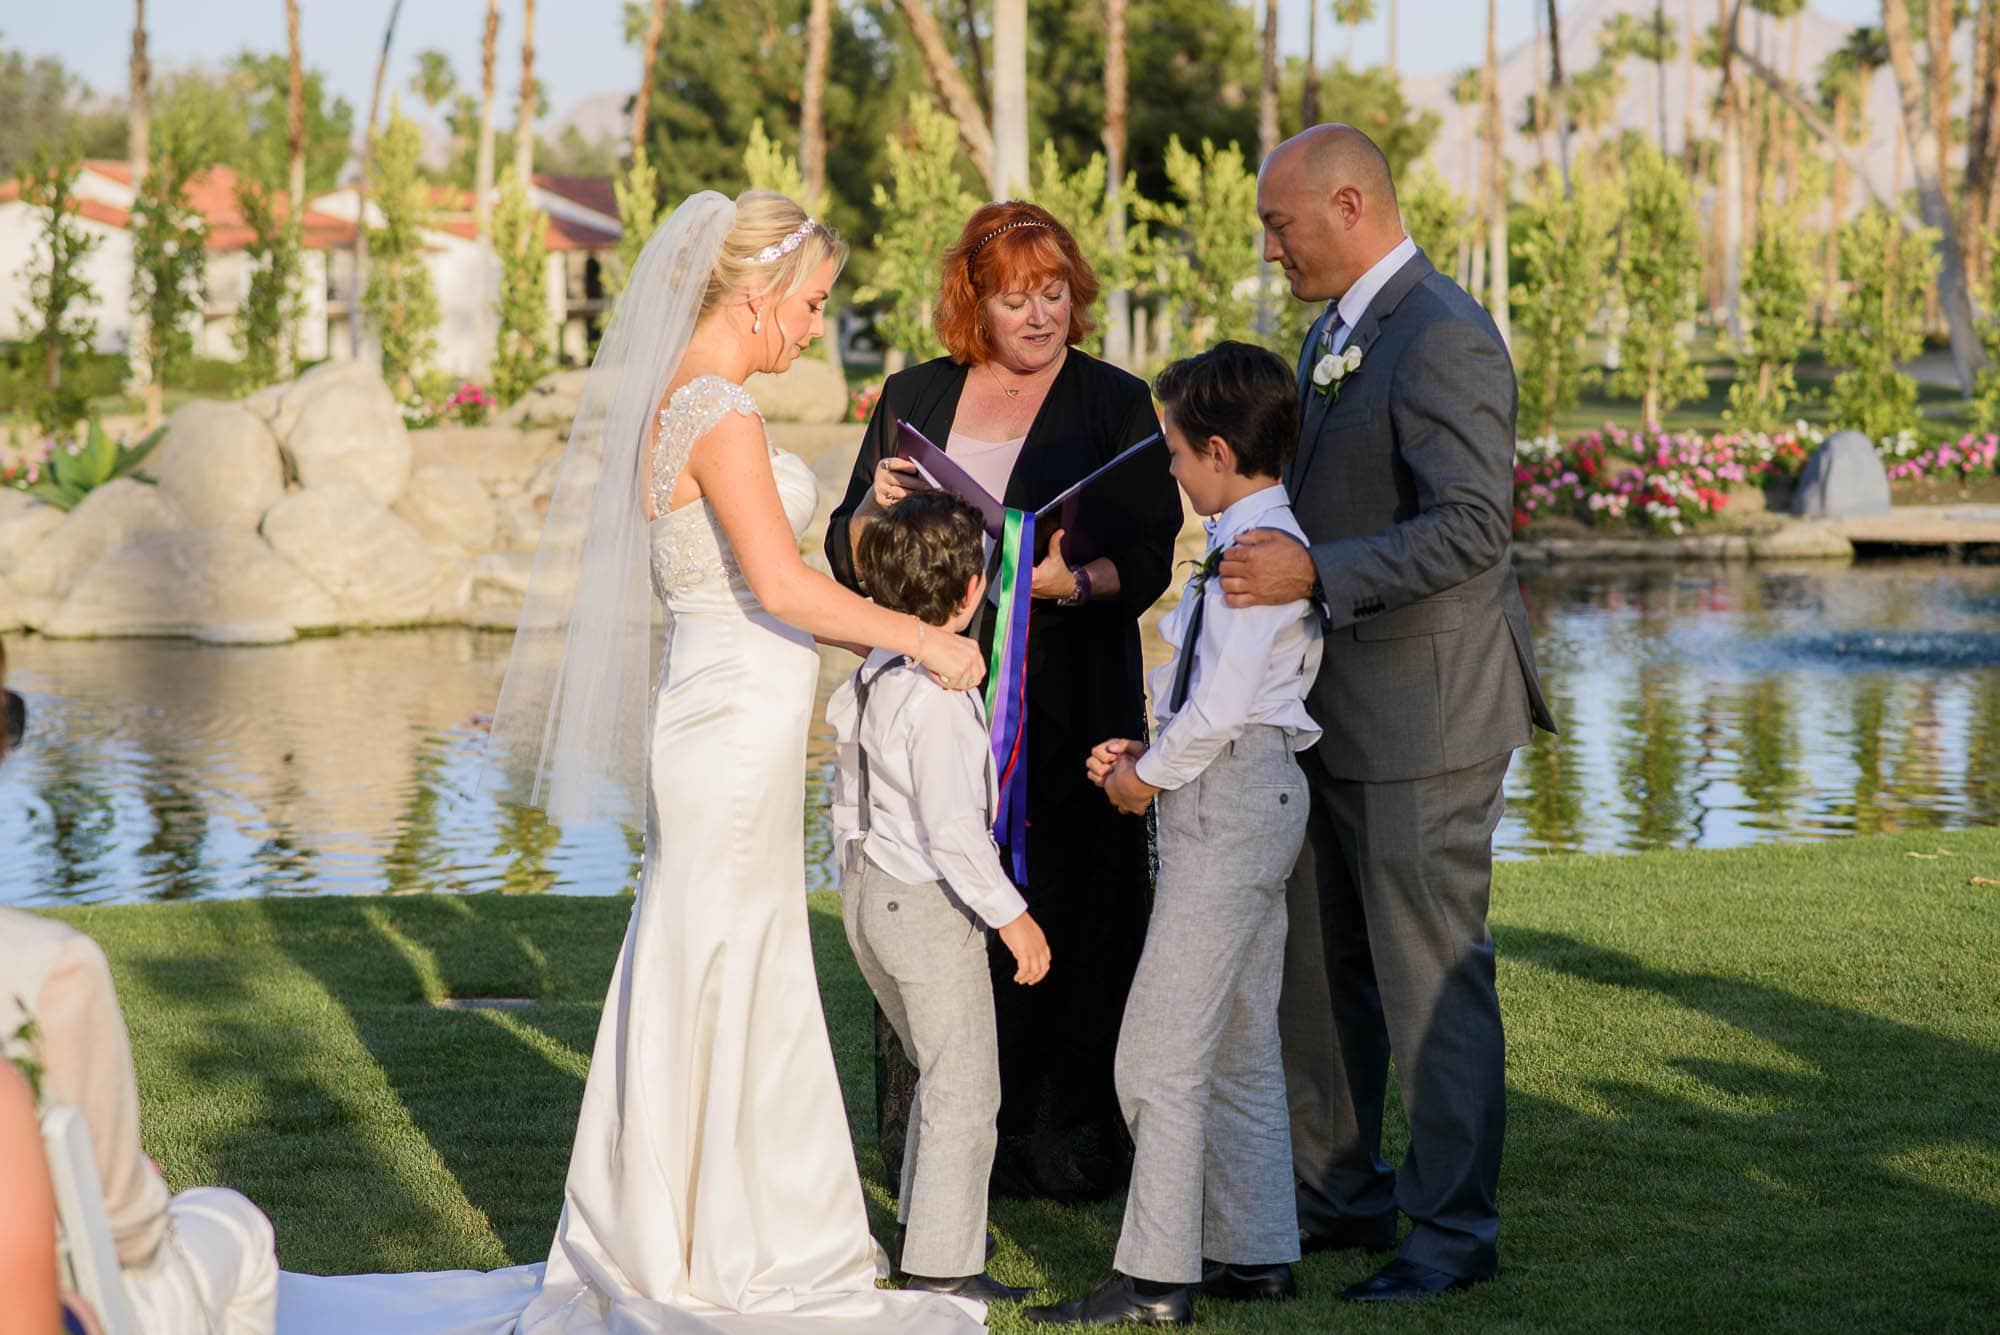 037_Alan_and_Heidi_Wedding_Amanda_Chad